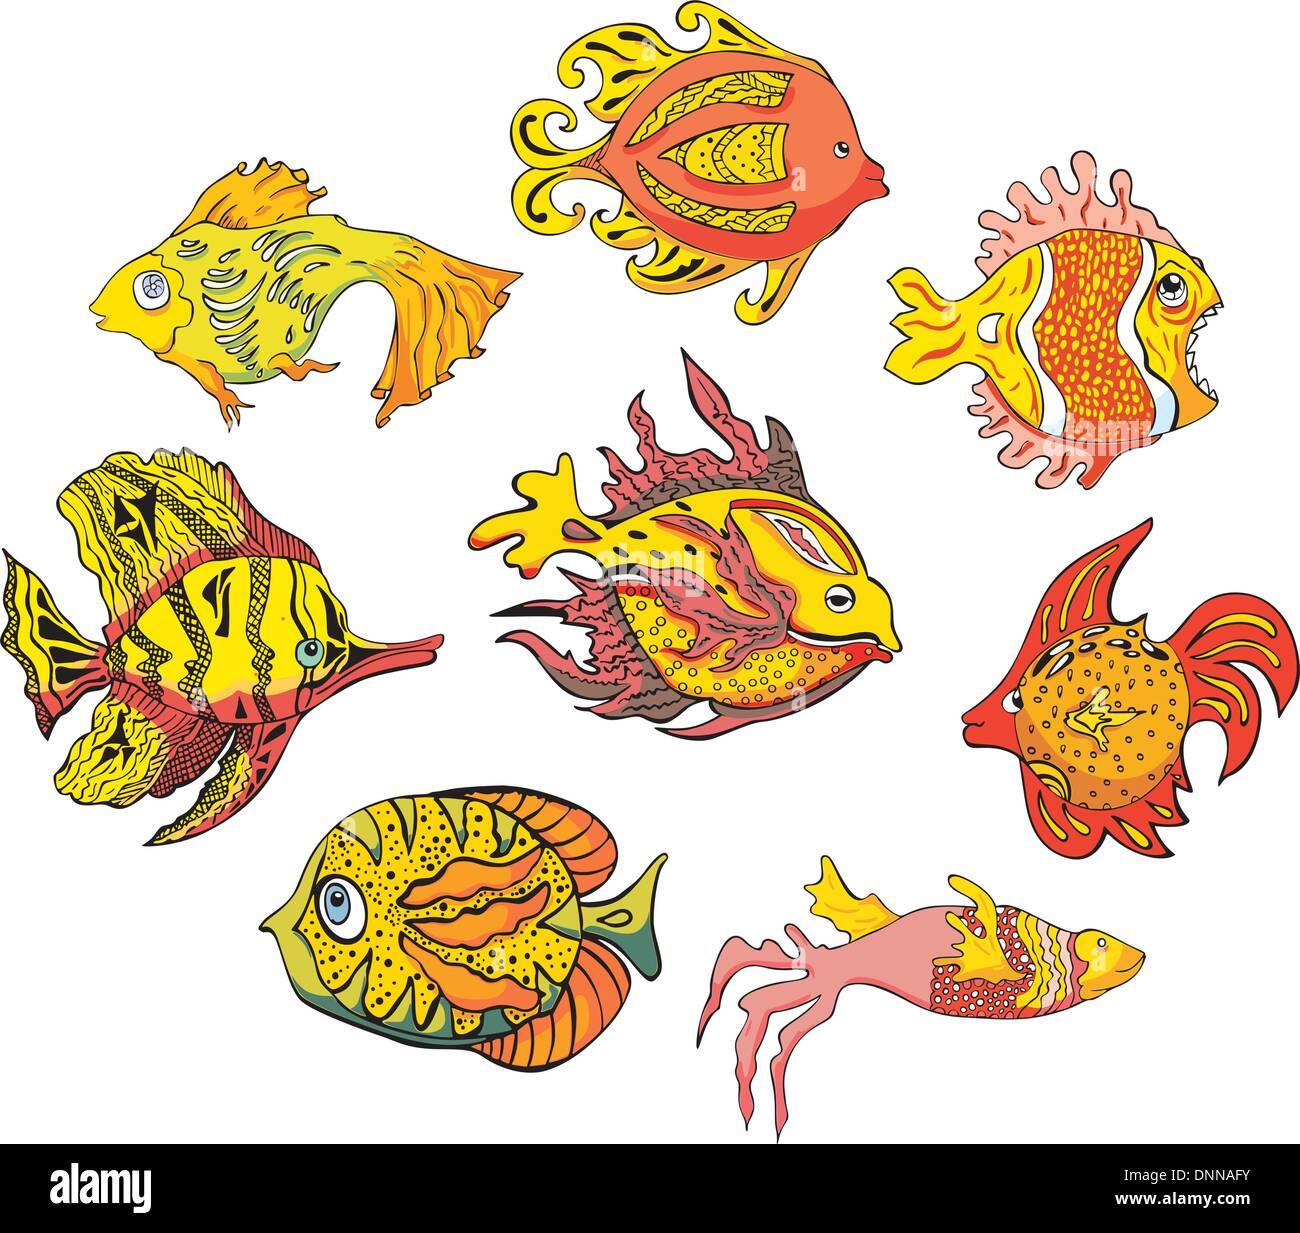 Motley pesci tropicali. Impostare il colore di illustrazioni vettoriali. Immagini Stock